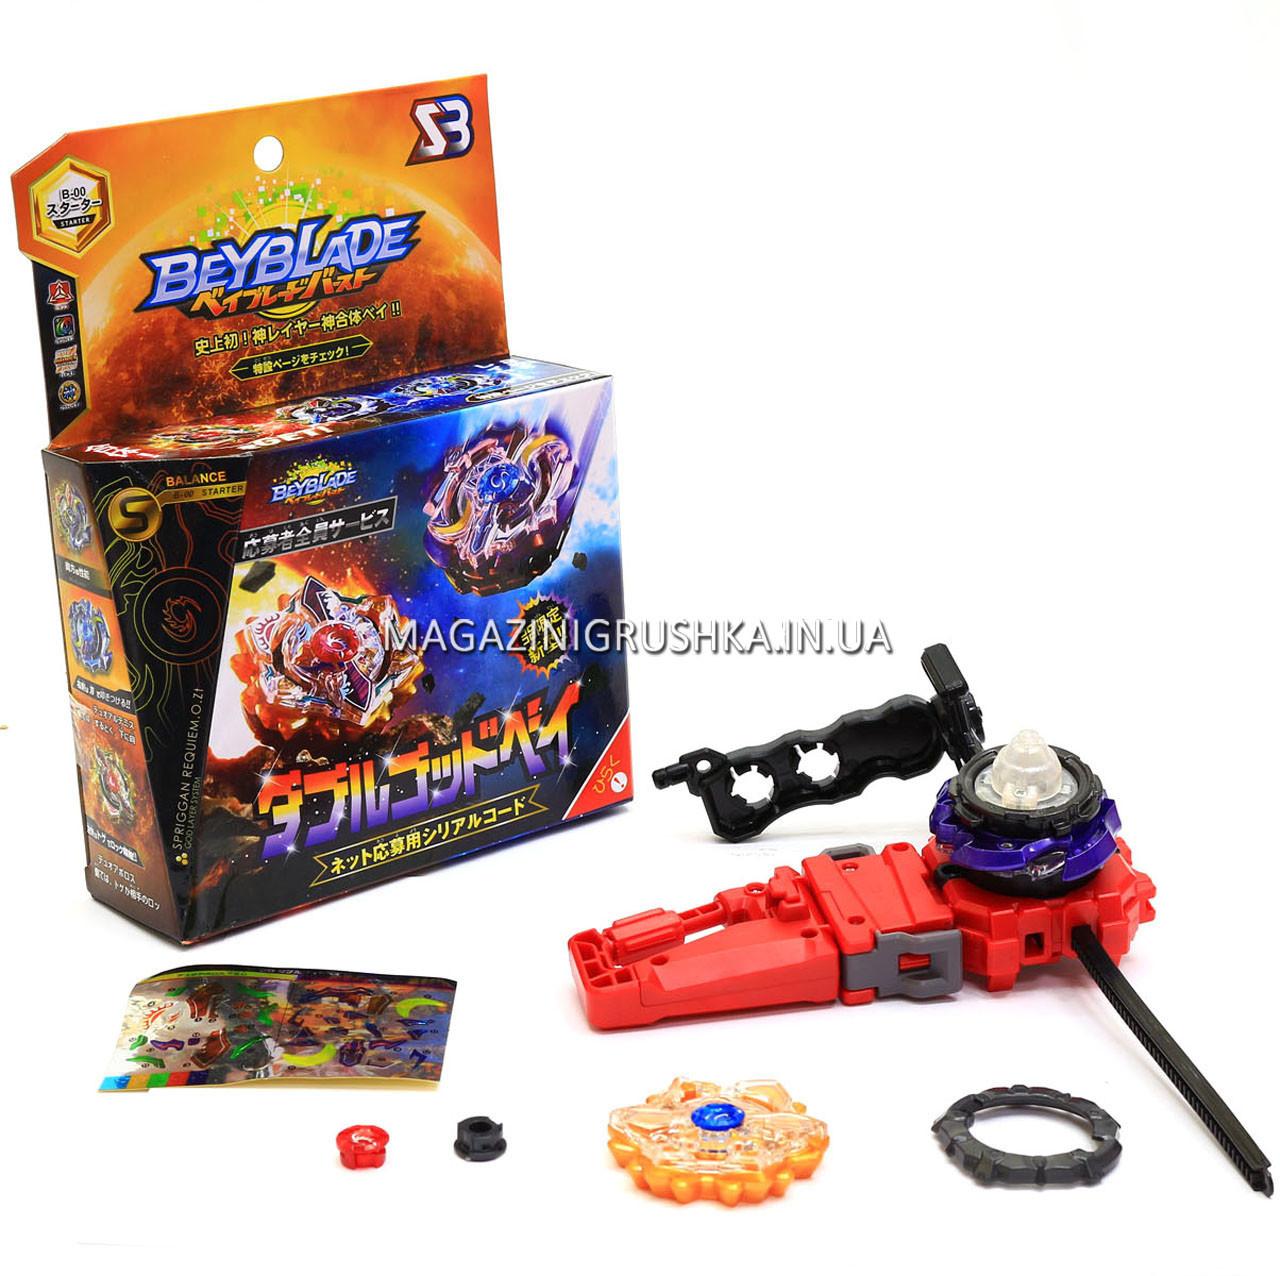 БейБлейд вовчок іграшка ВВ846 Подвійне затемнення Сан+Мун 5 сезон